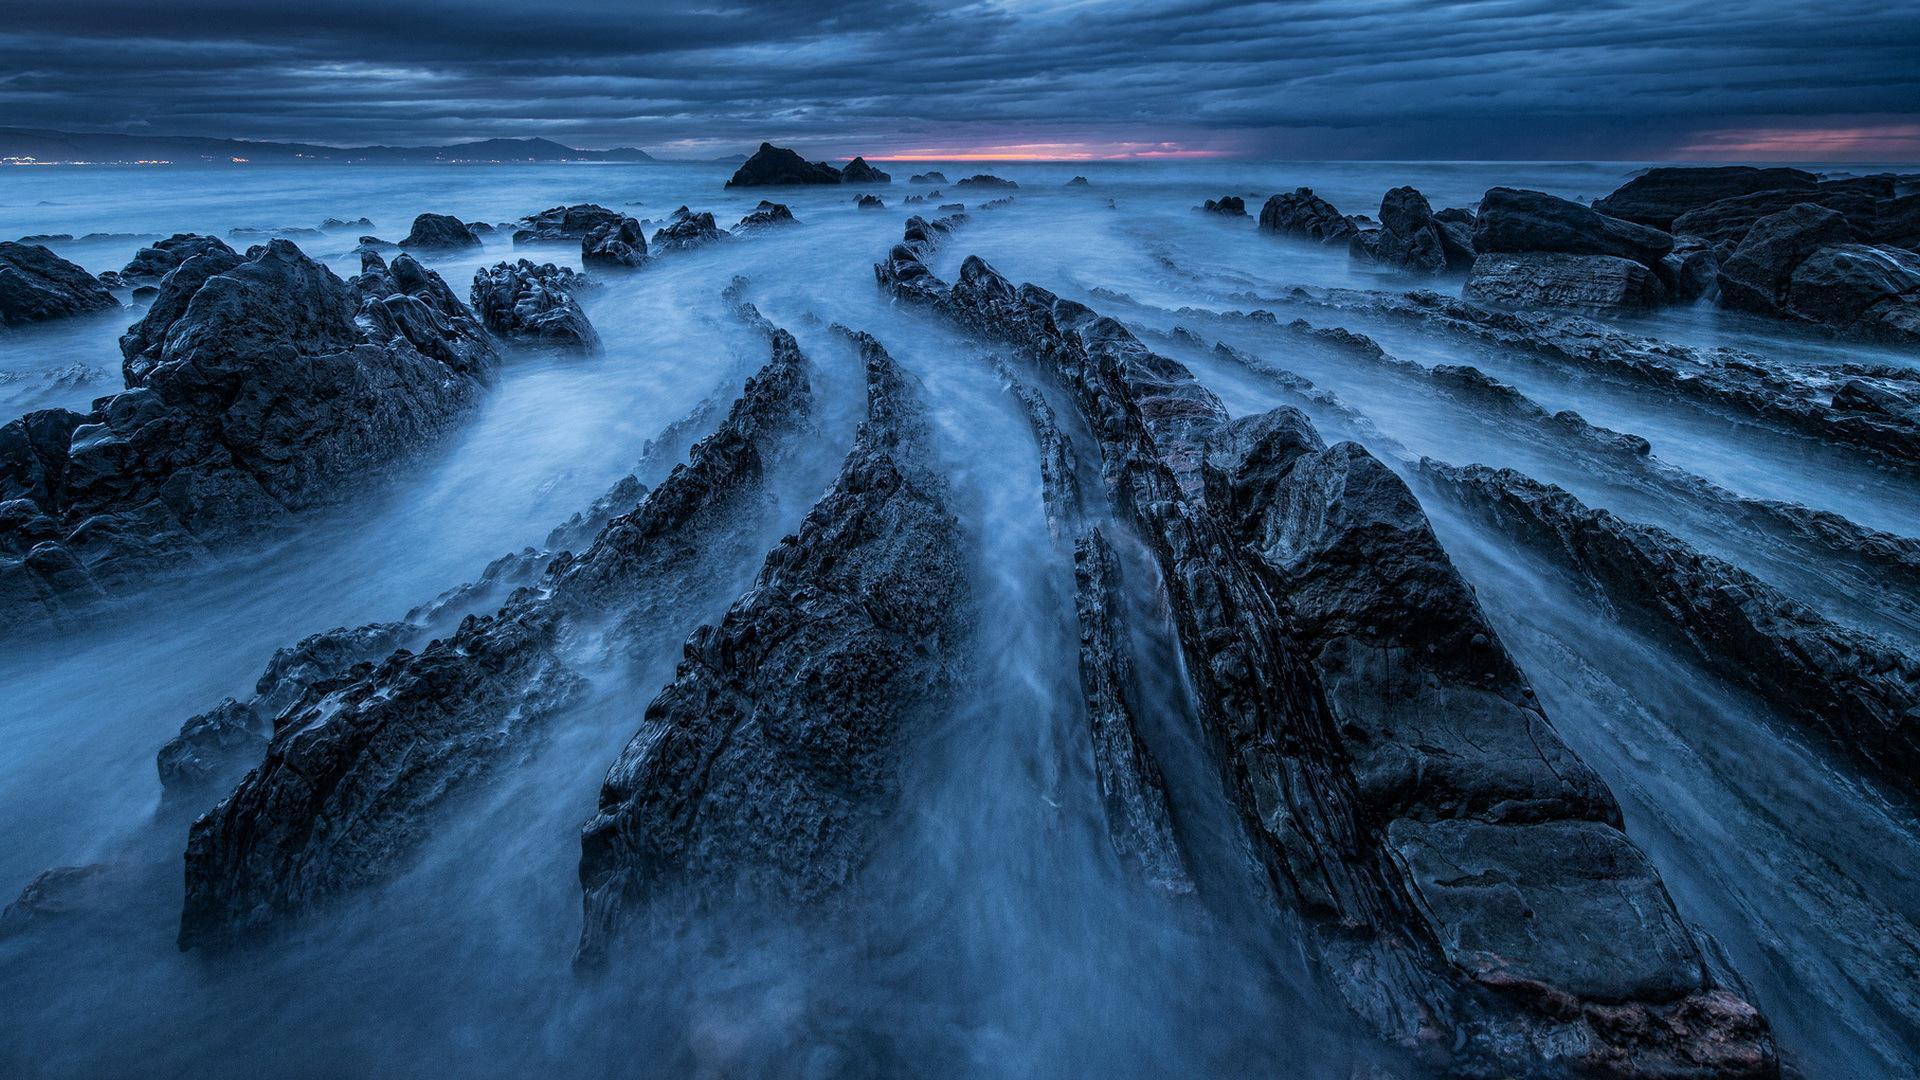 amazing_rocky_dragon_back_sea_shore-1445514